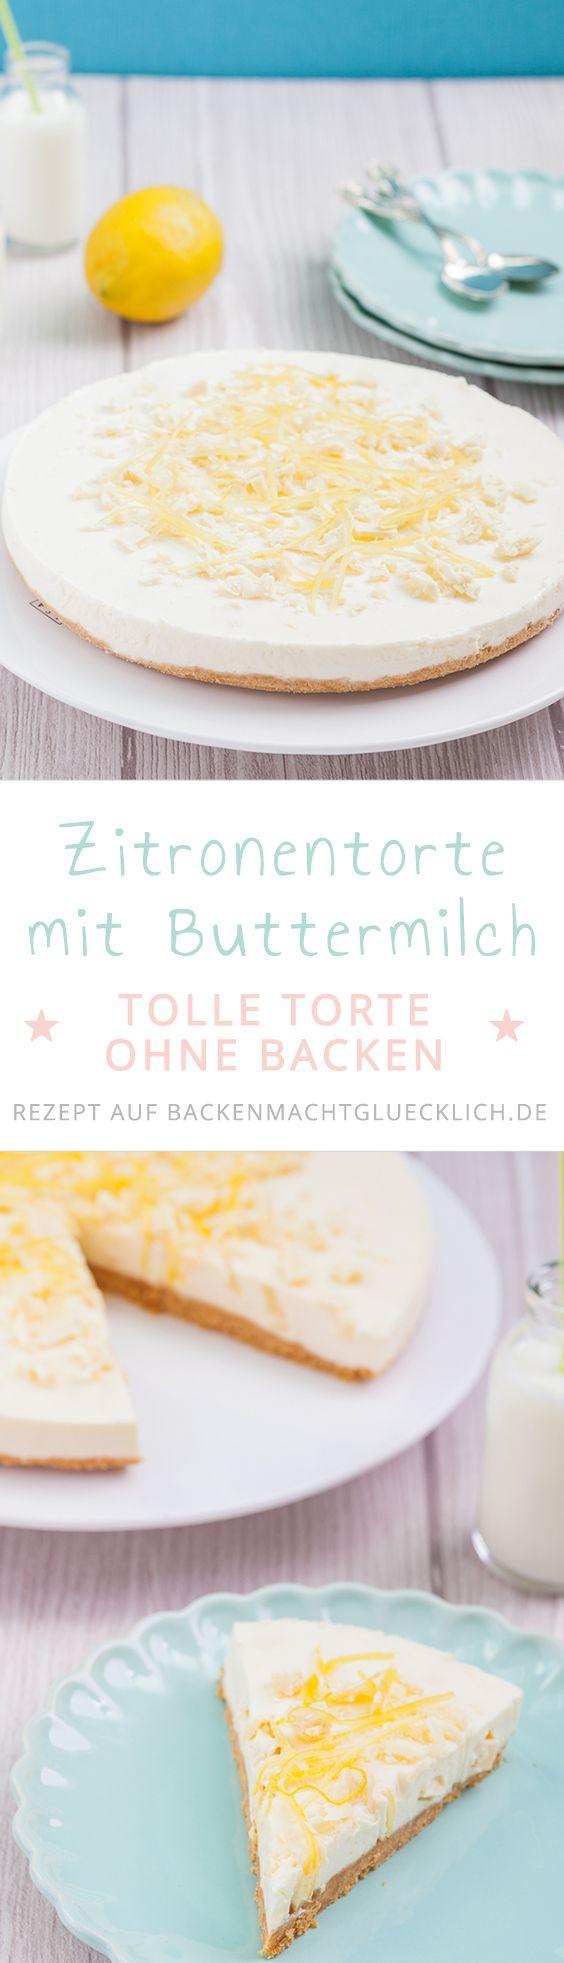 Buttermilch-Zitronen-Torte ohne Backen: Sommerlicher Kühlschrankkuchen, der ganz fixzubereitet ist. Die Kombi aus knusprigem Keksboden, erfrischender Buttermilch-Zitronen-Creme und weißer Schokolade i (Muffin Schokolade)